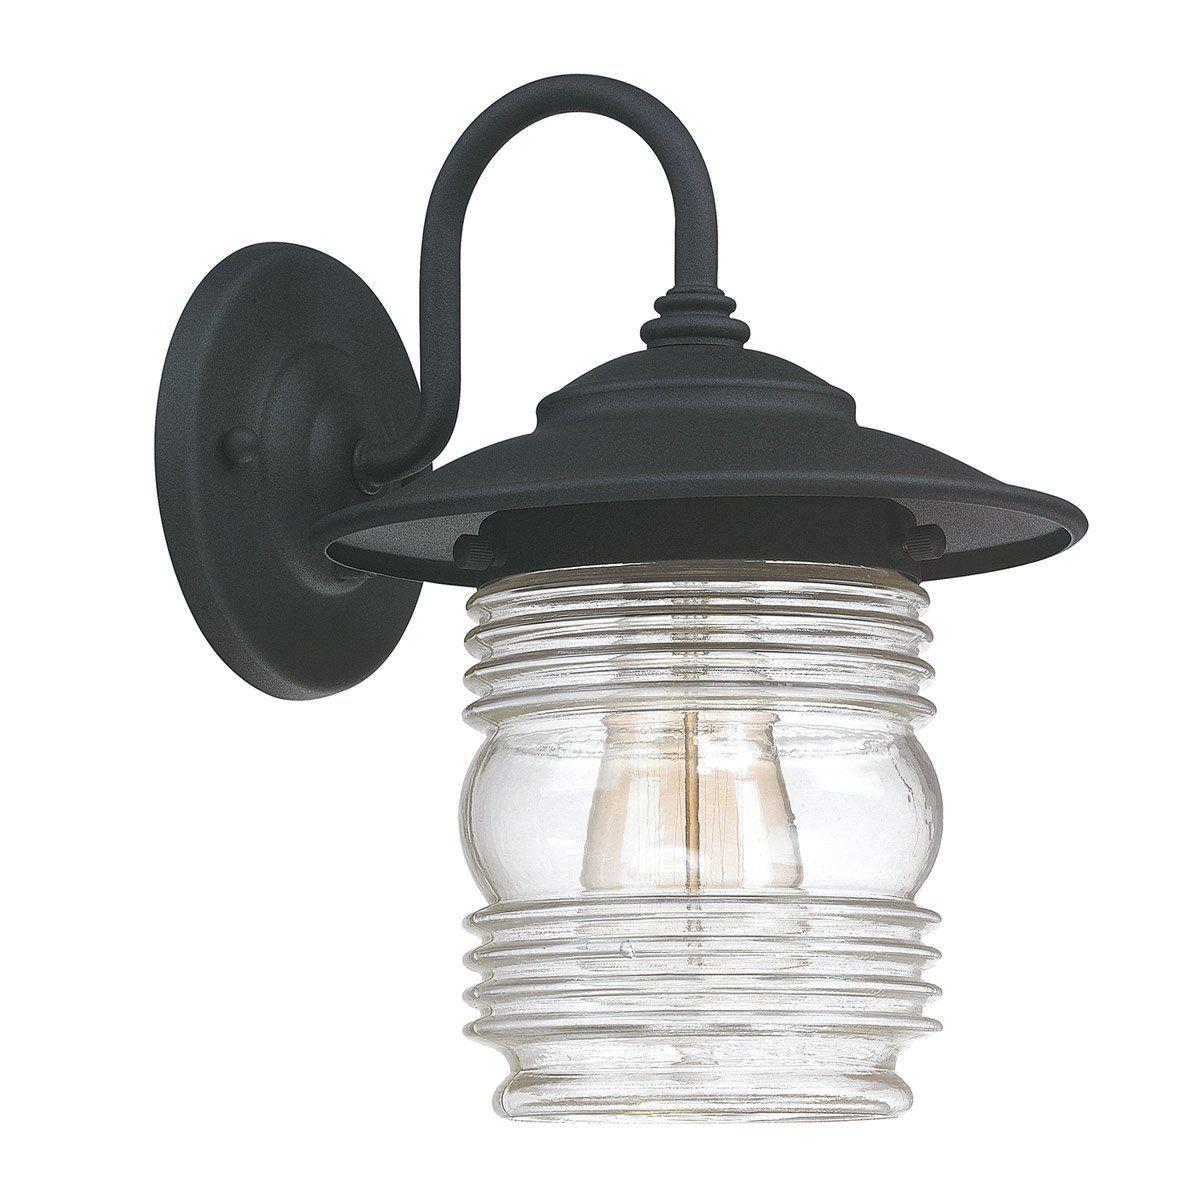 Capital lighting fixtures bk creekside light inch black